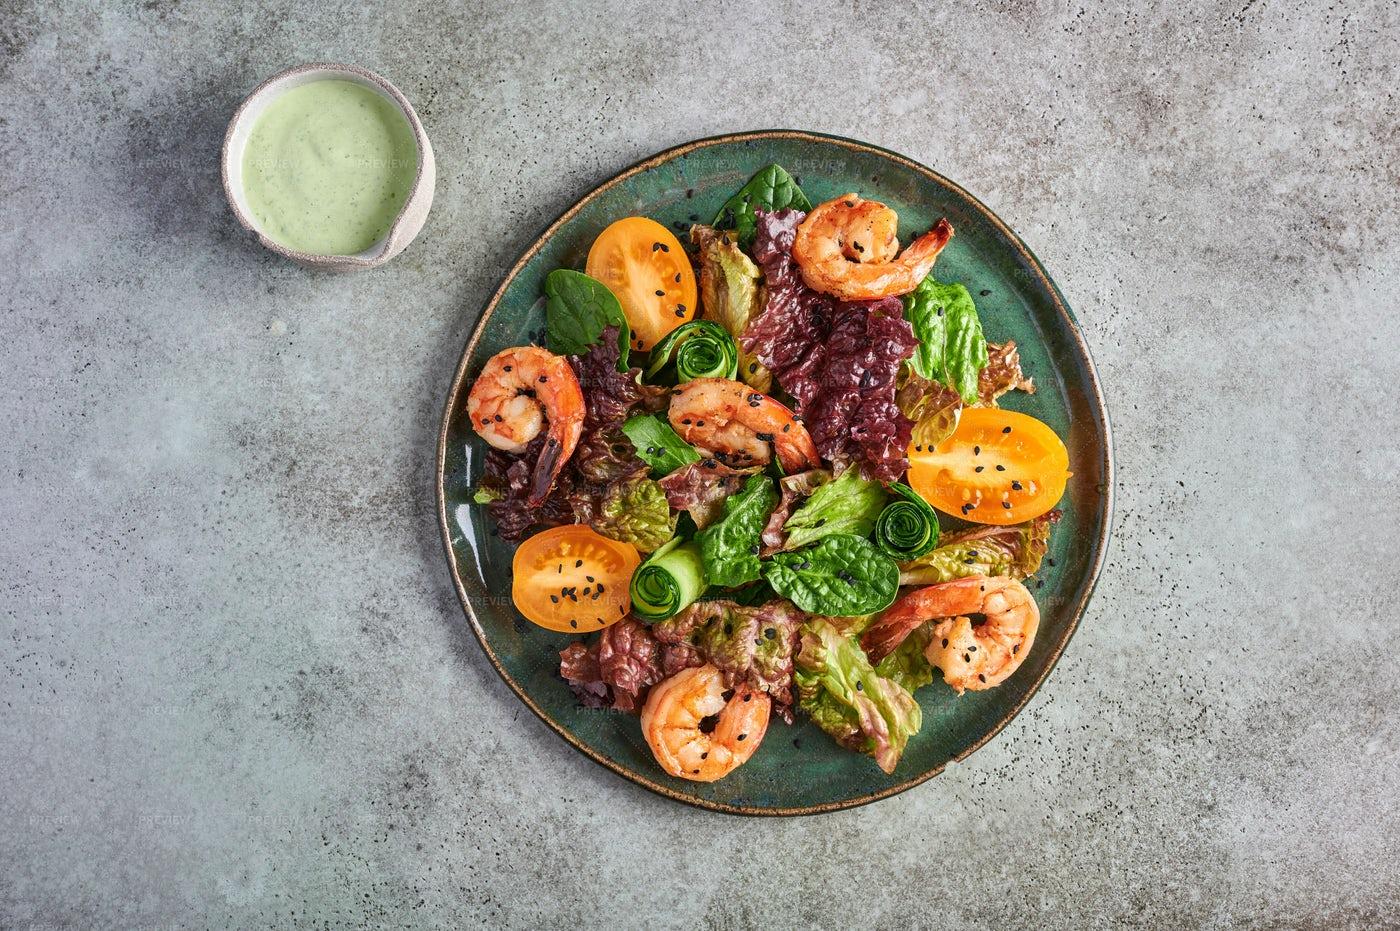 Homemade Salad With Fried Shrimp: Stock Photos